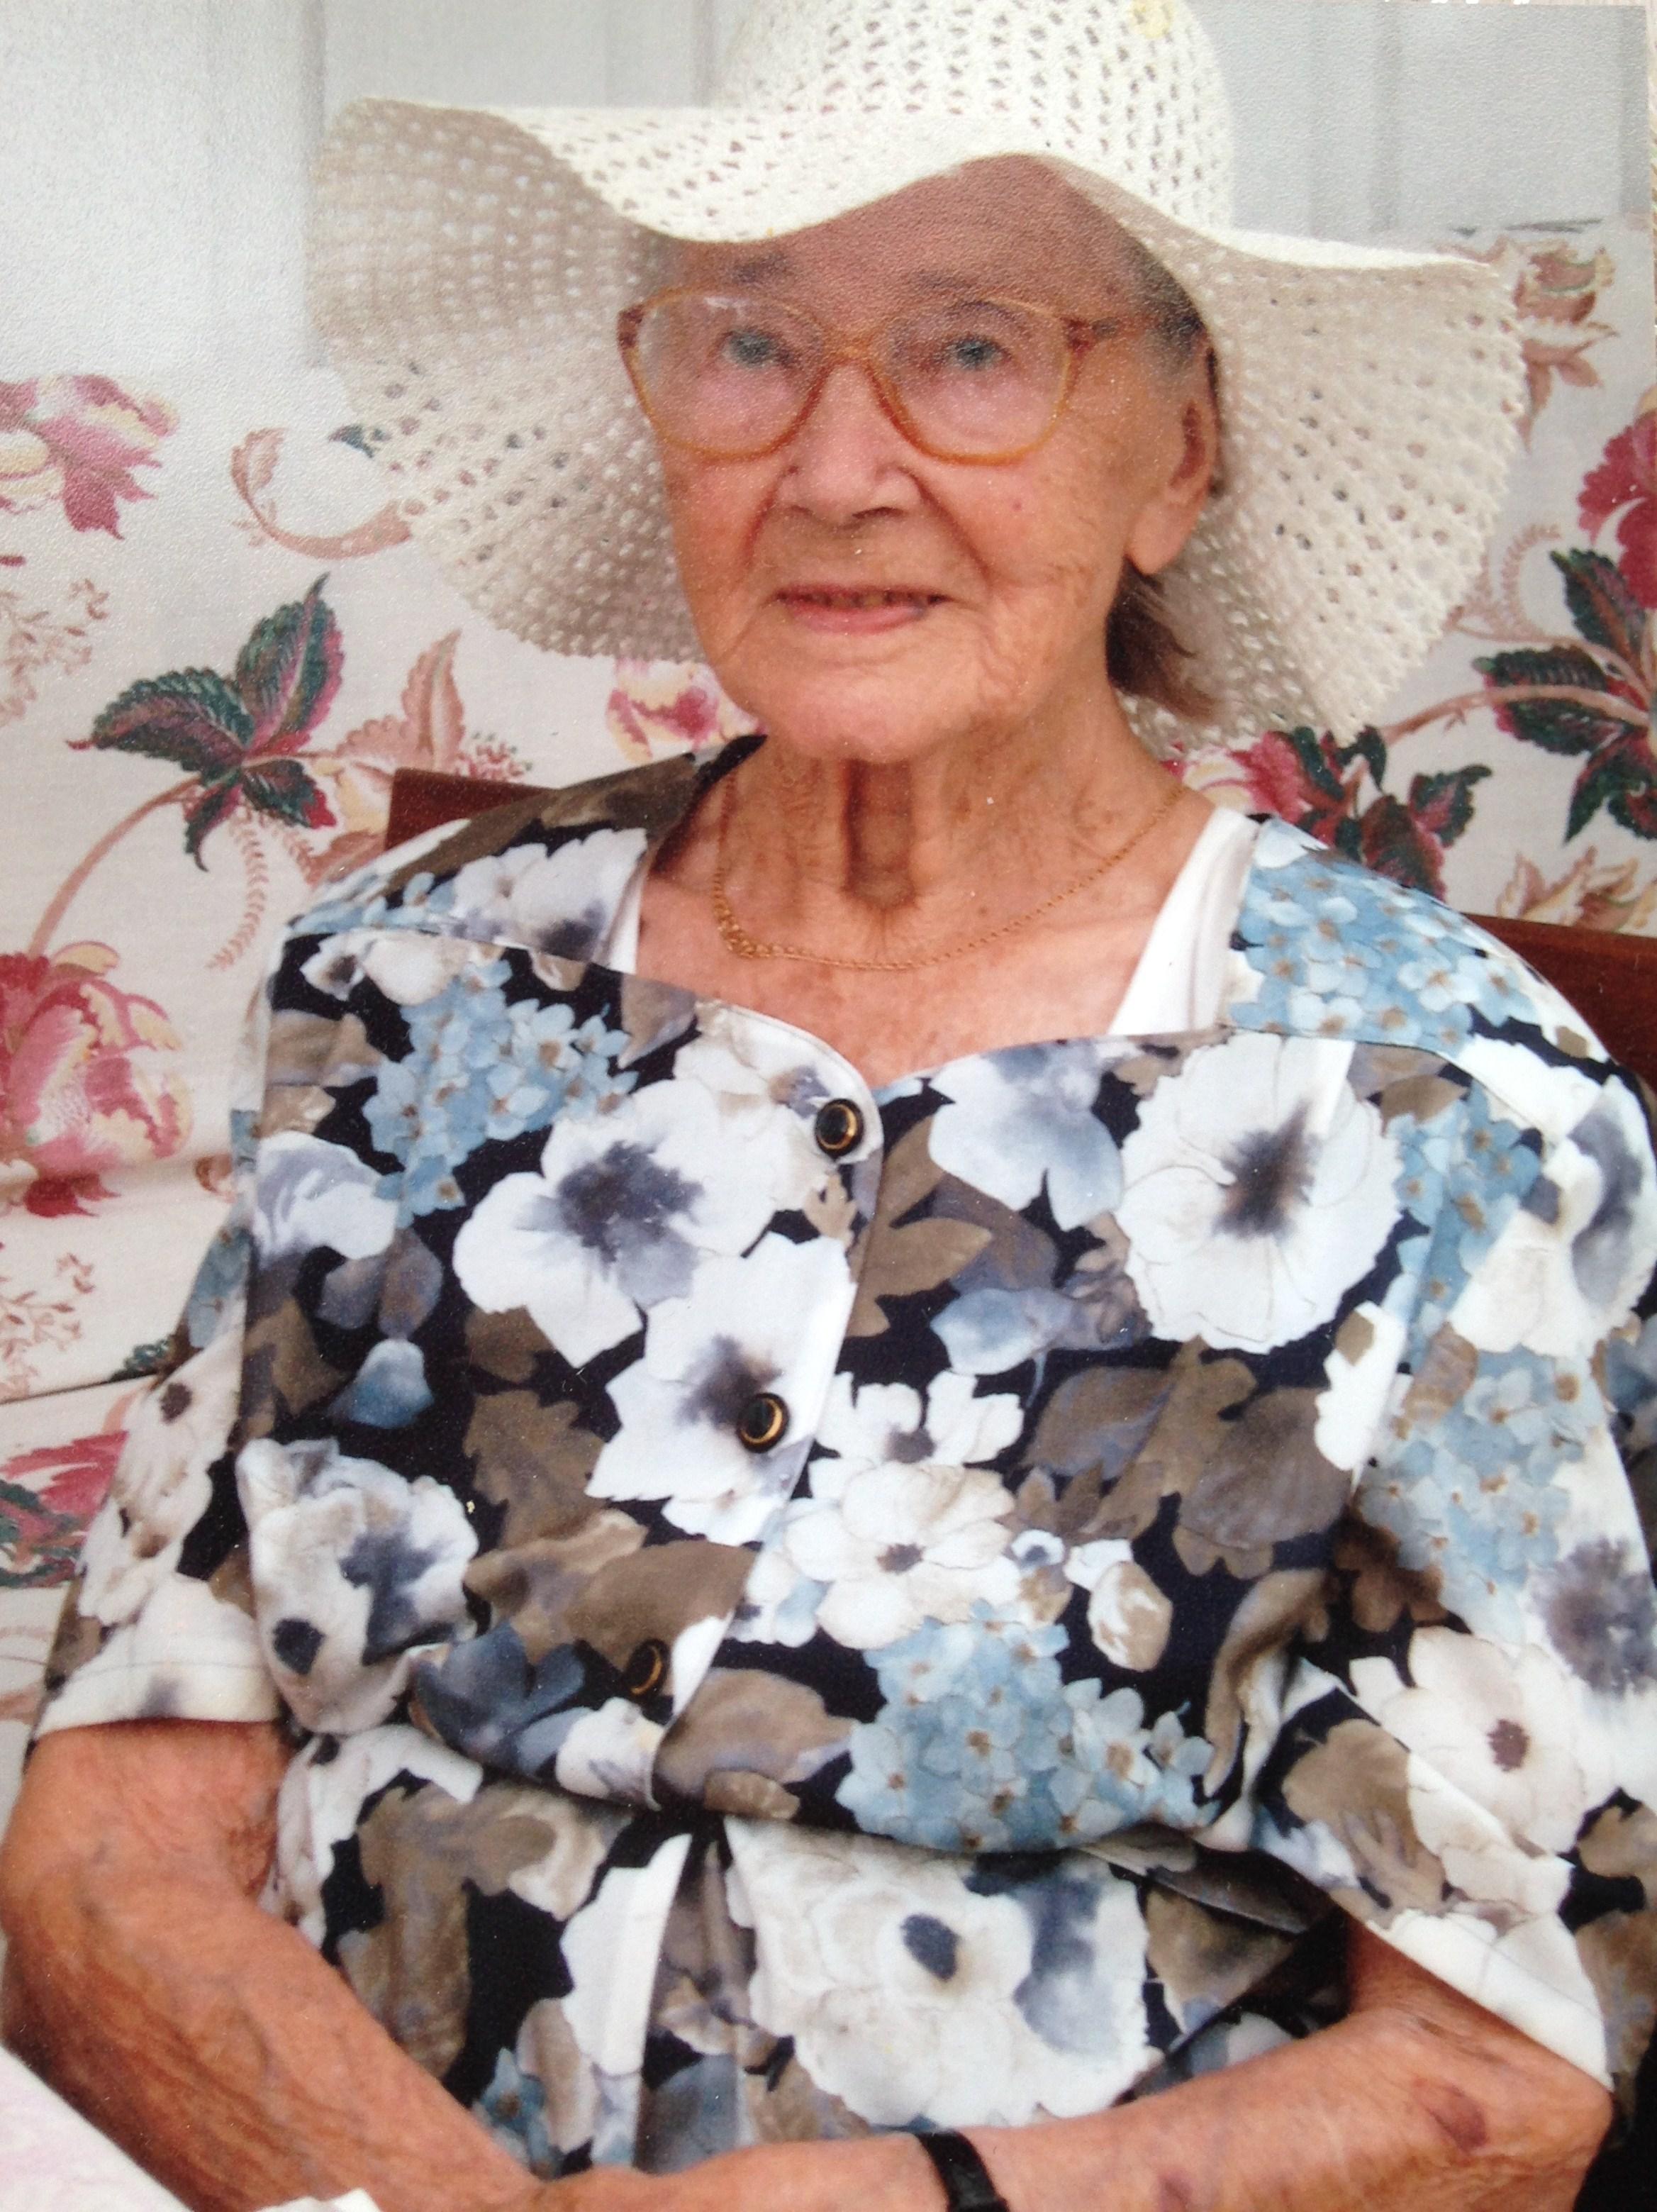 födelsedagsverser 60 år Svea Törnroos – min mamma :: Naisten Ääni födelsedagsverser 60 år